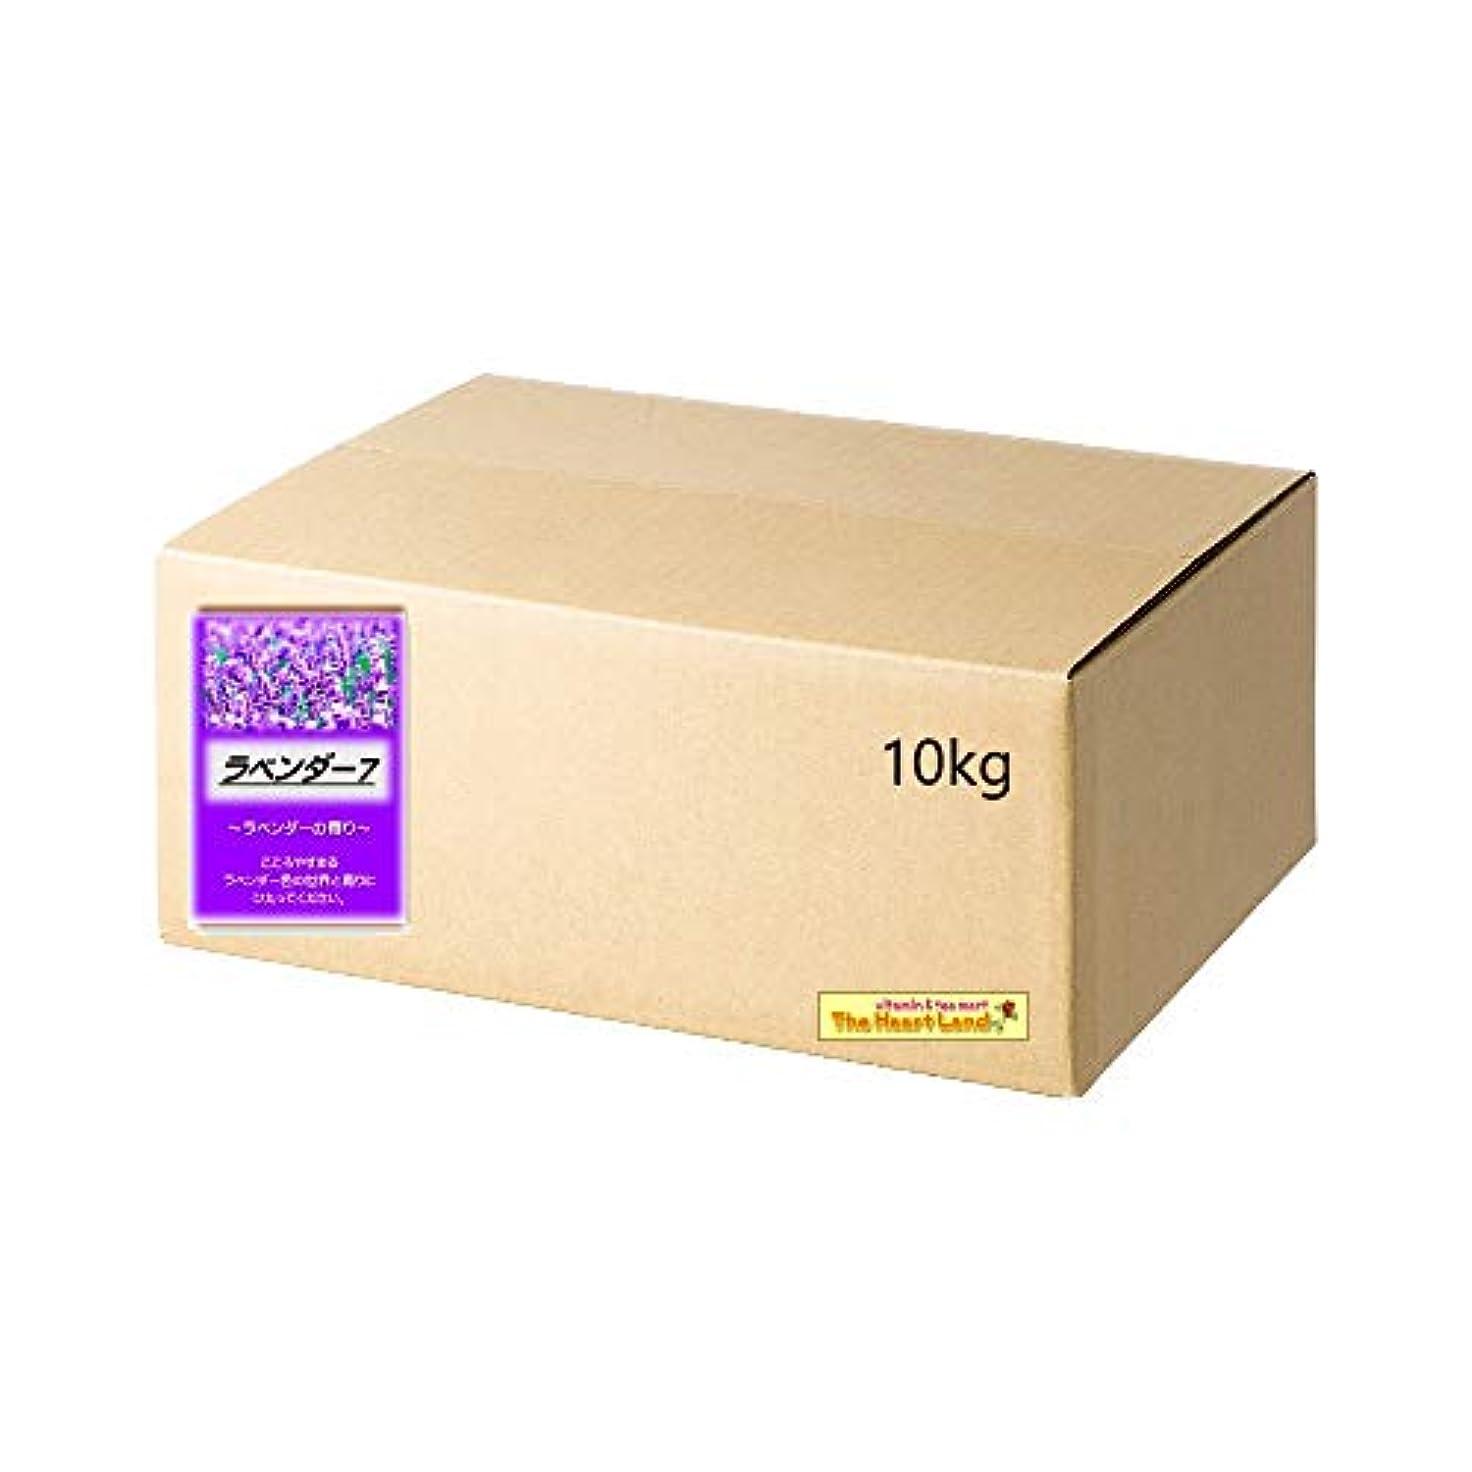 家事をする茎提供するアサヒ入浴剤 浴用入浴化粧品 ラベンダー7 10kg